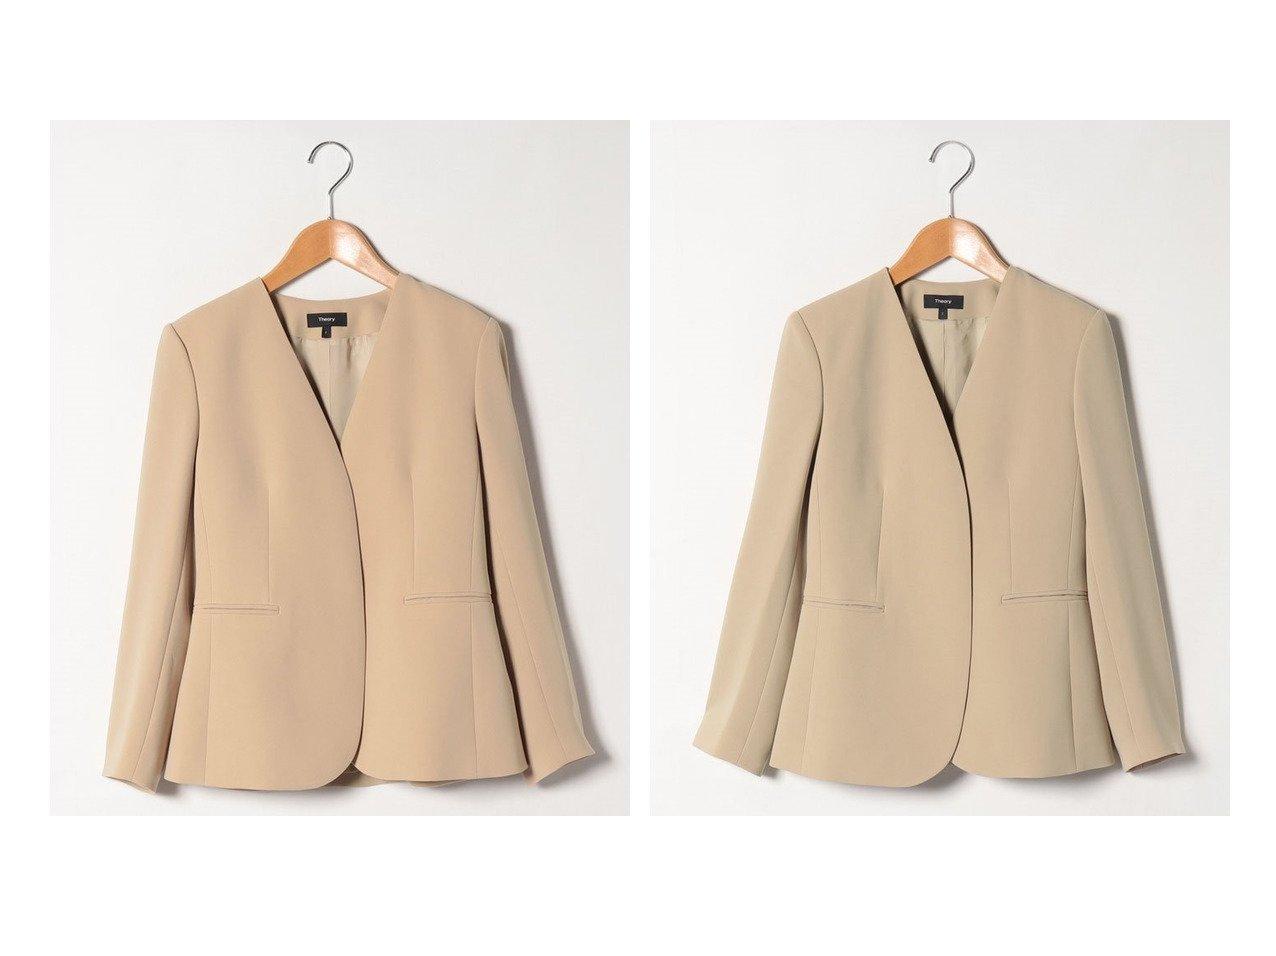 【theory/セオリー】の【セットアップ対応商品】ジャケット CLASSIC CREPE LINDRAYIA B アウターのおすすめ!人気、トレンド・レディースファッションの通販 おすすめで人気の流行・トレンド、ファッションの通販商品 メンズファッション・キッズファッション・インテリア・家具・レディースファッション・服の通販 founy(ファニー) https://founy.com/ ファッション Fashion レディースファッション WOMEN アウター Coat Outerwear ジャケット Jackets ノーカラージャケット No Collar Leather Jackets NEW・新作・新着・新入荷 New Arrivals ジャケット スリーブ セットアップ ファブリック フィット フェミニン ブレスレット 吸水 |ID:crp329100000022678